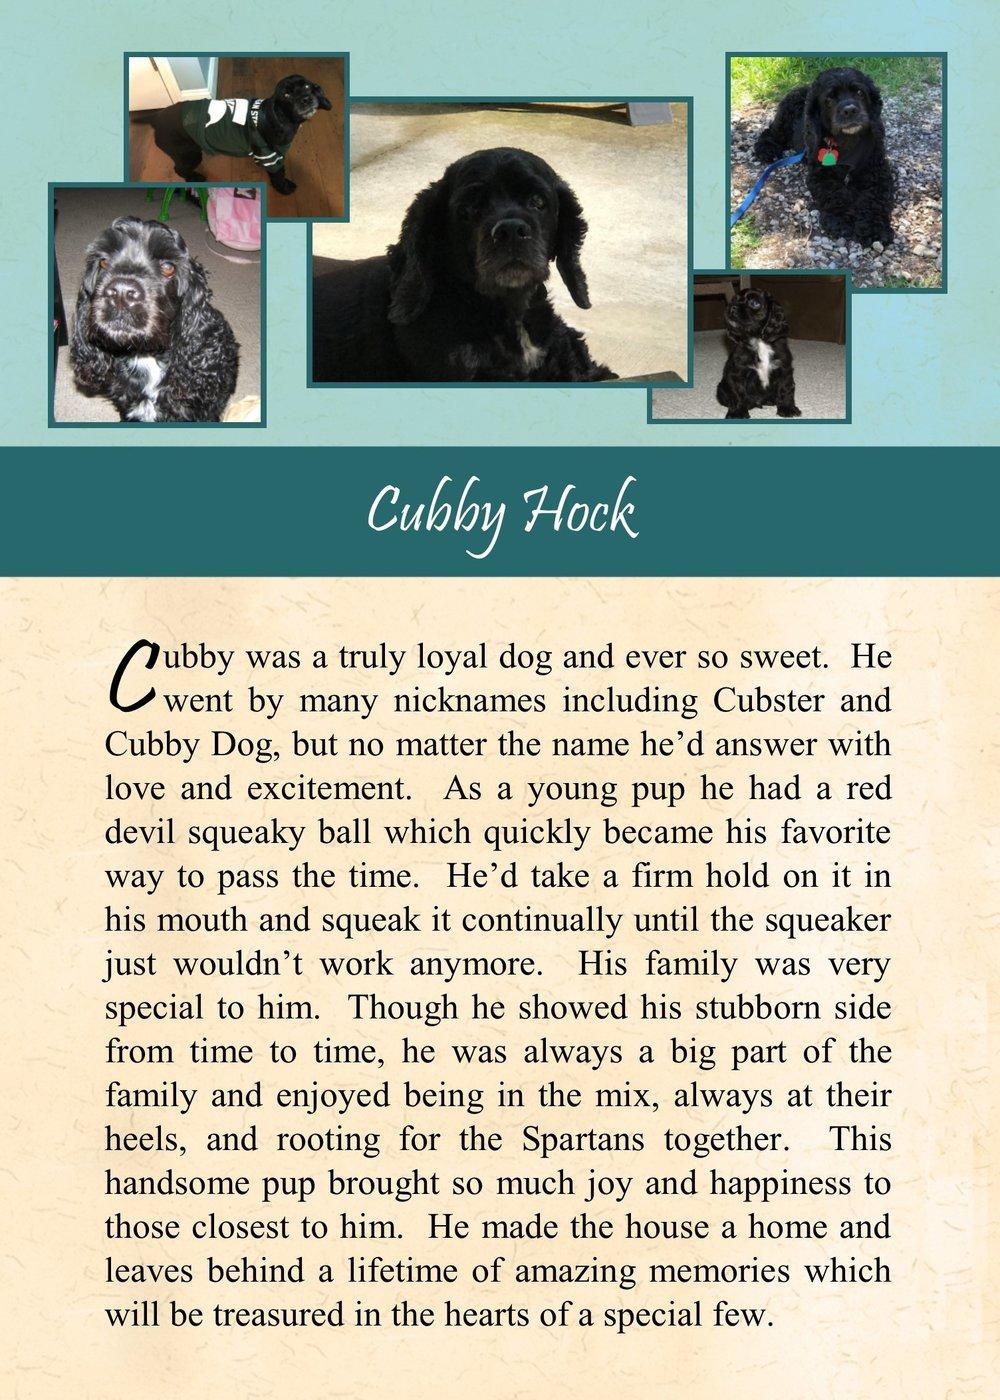 Cubby Hock